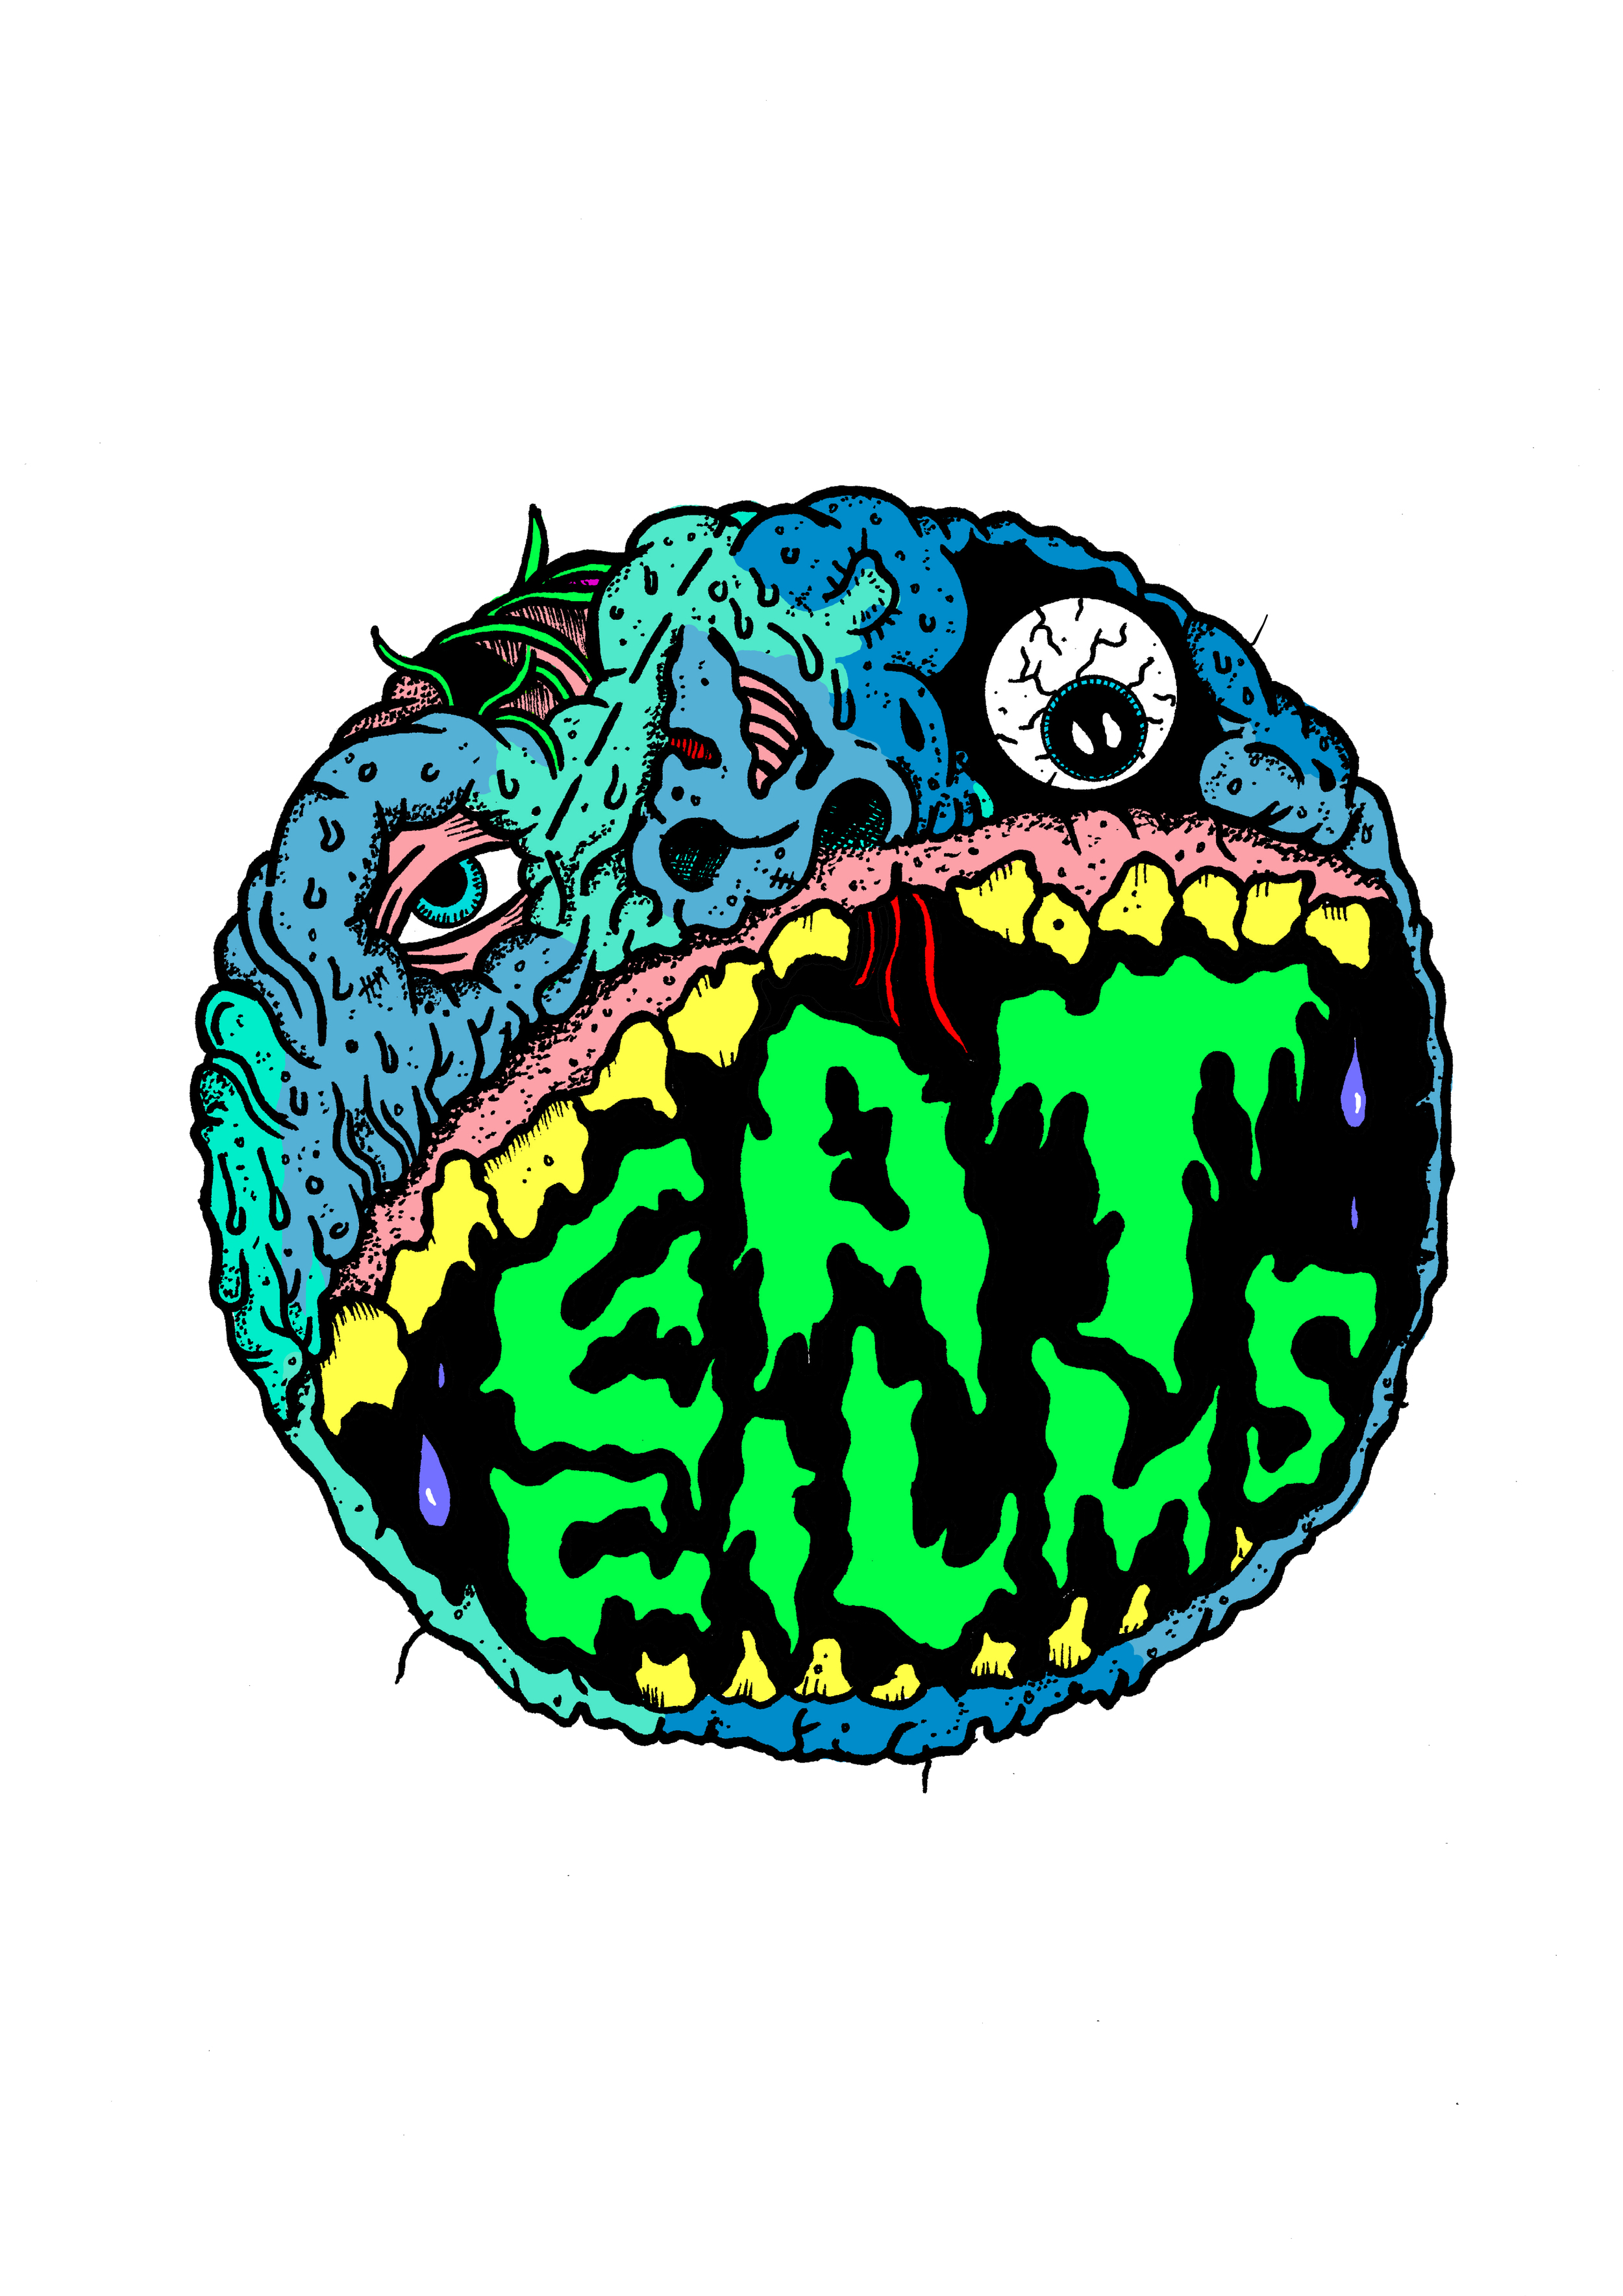 eatfilmscolor2.jpg